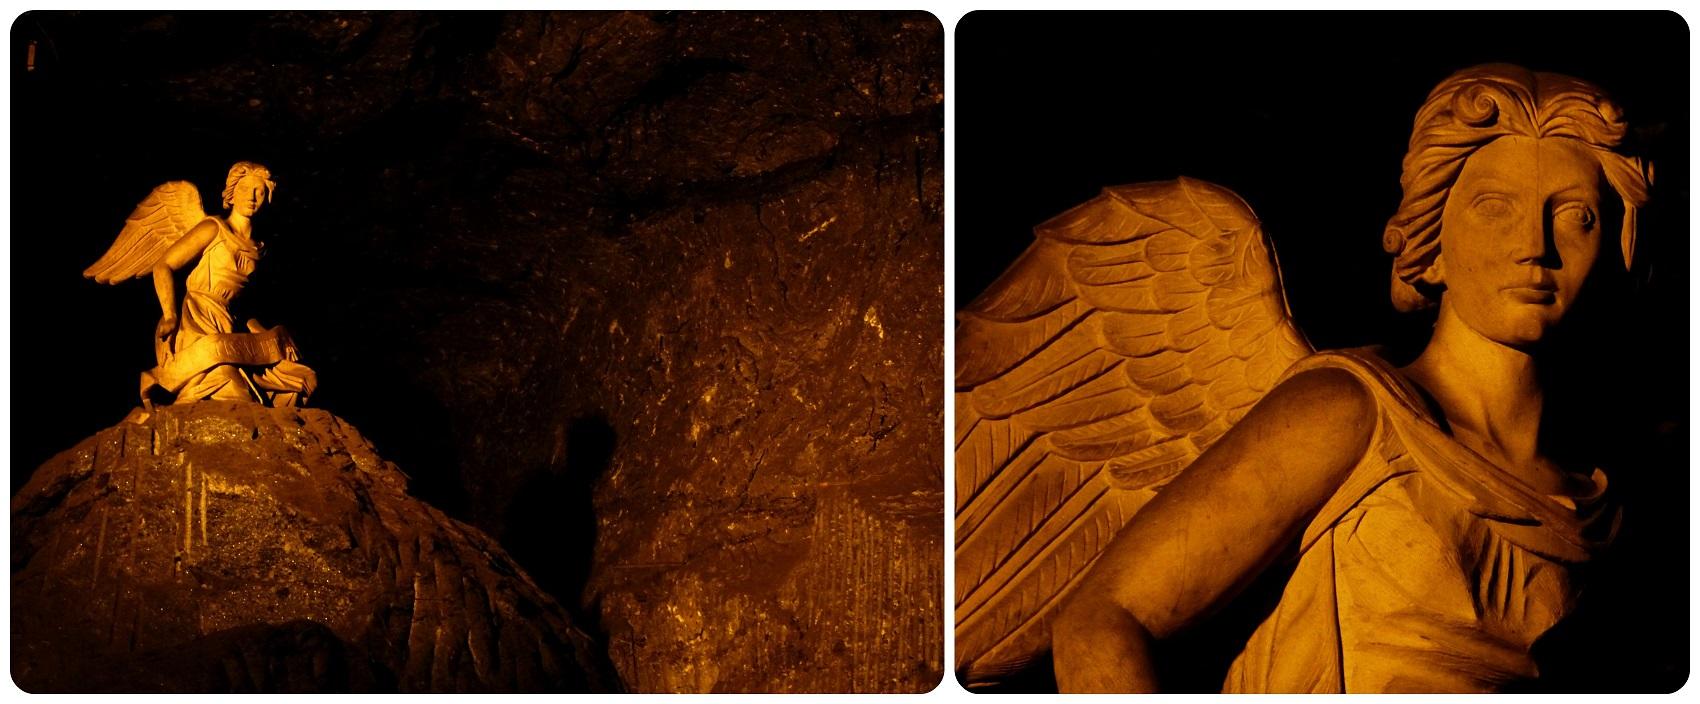 Un ange posé sur un énorme cailloux de la cathédrale de sel de Zipaquira